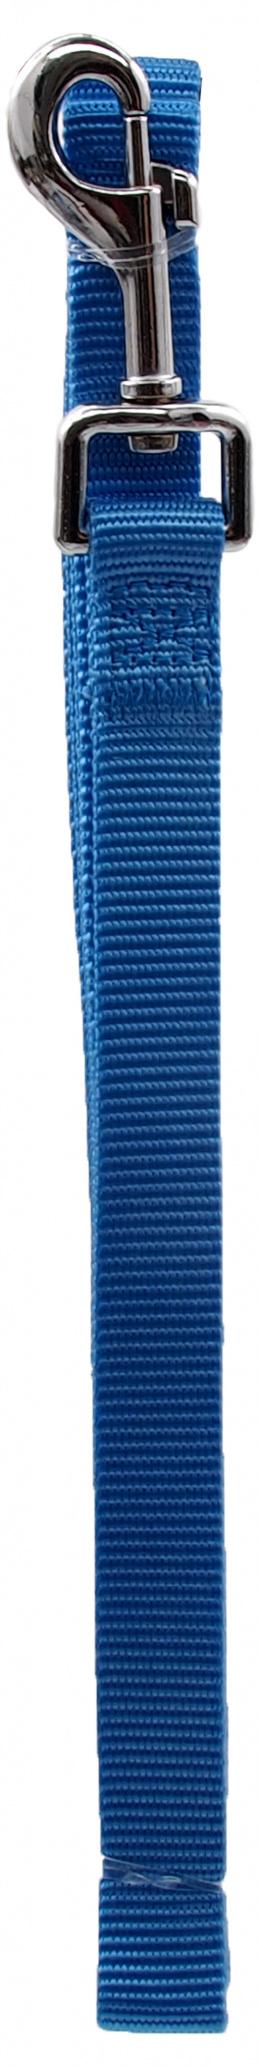 Поводок – Dog Fantasy Classic Neilona M, 20 мм, 120 см, цвет - синий